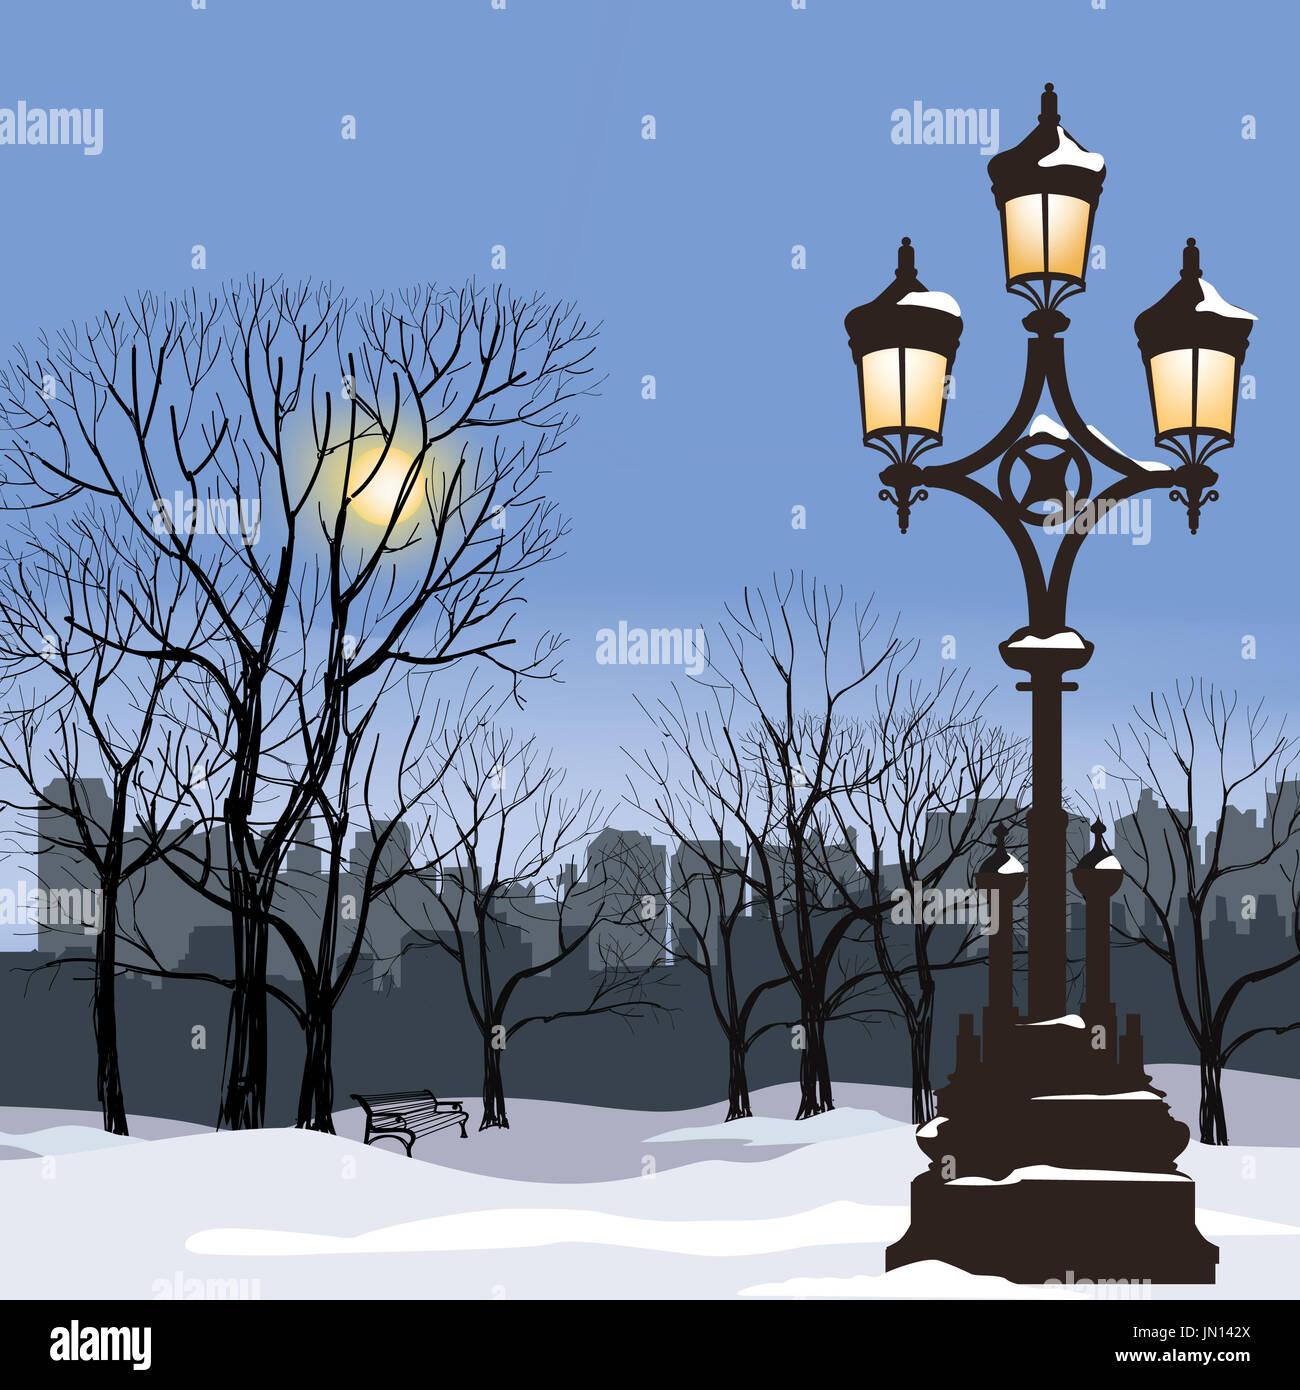 Navidad Paisaje invernal con luminosa lámpara de la calle, copos de nieve y los árboles. Luz de old street en city park Snow alley. Imagen De Stock